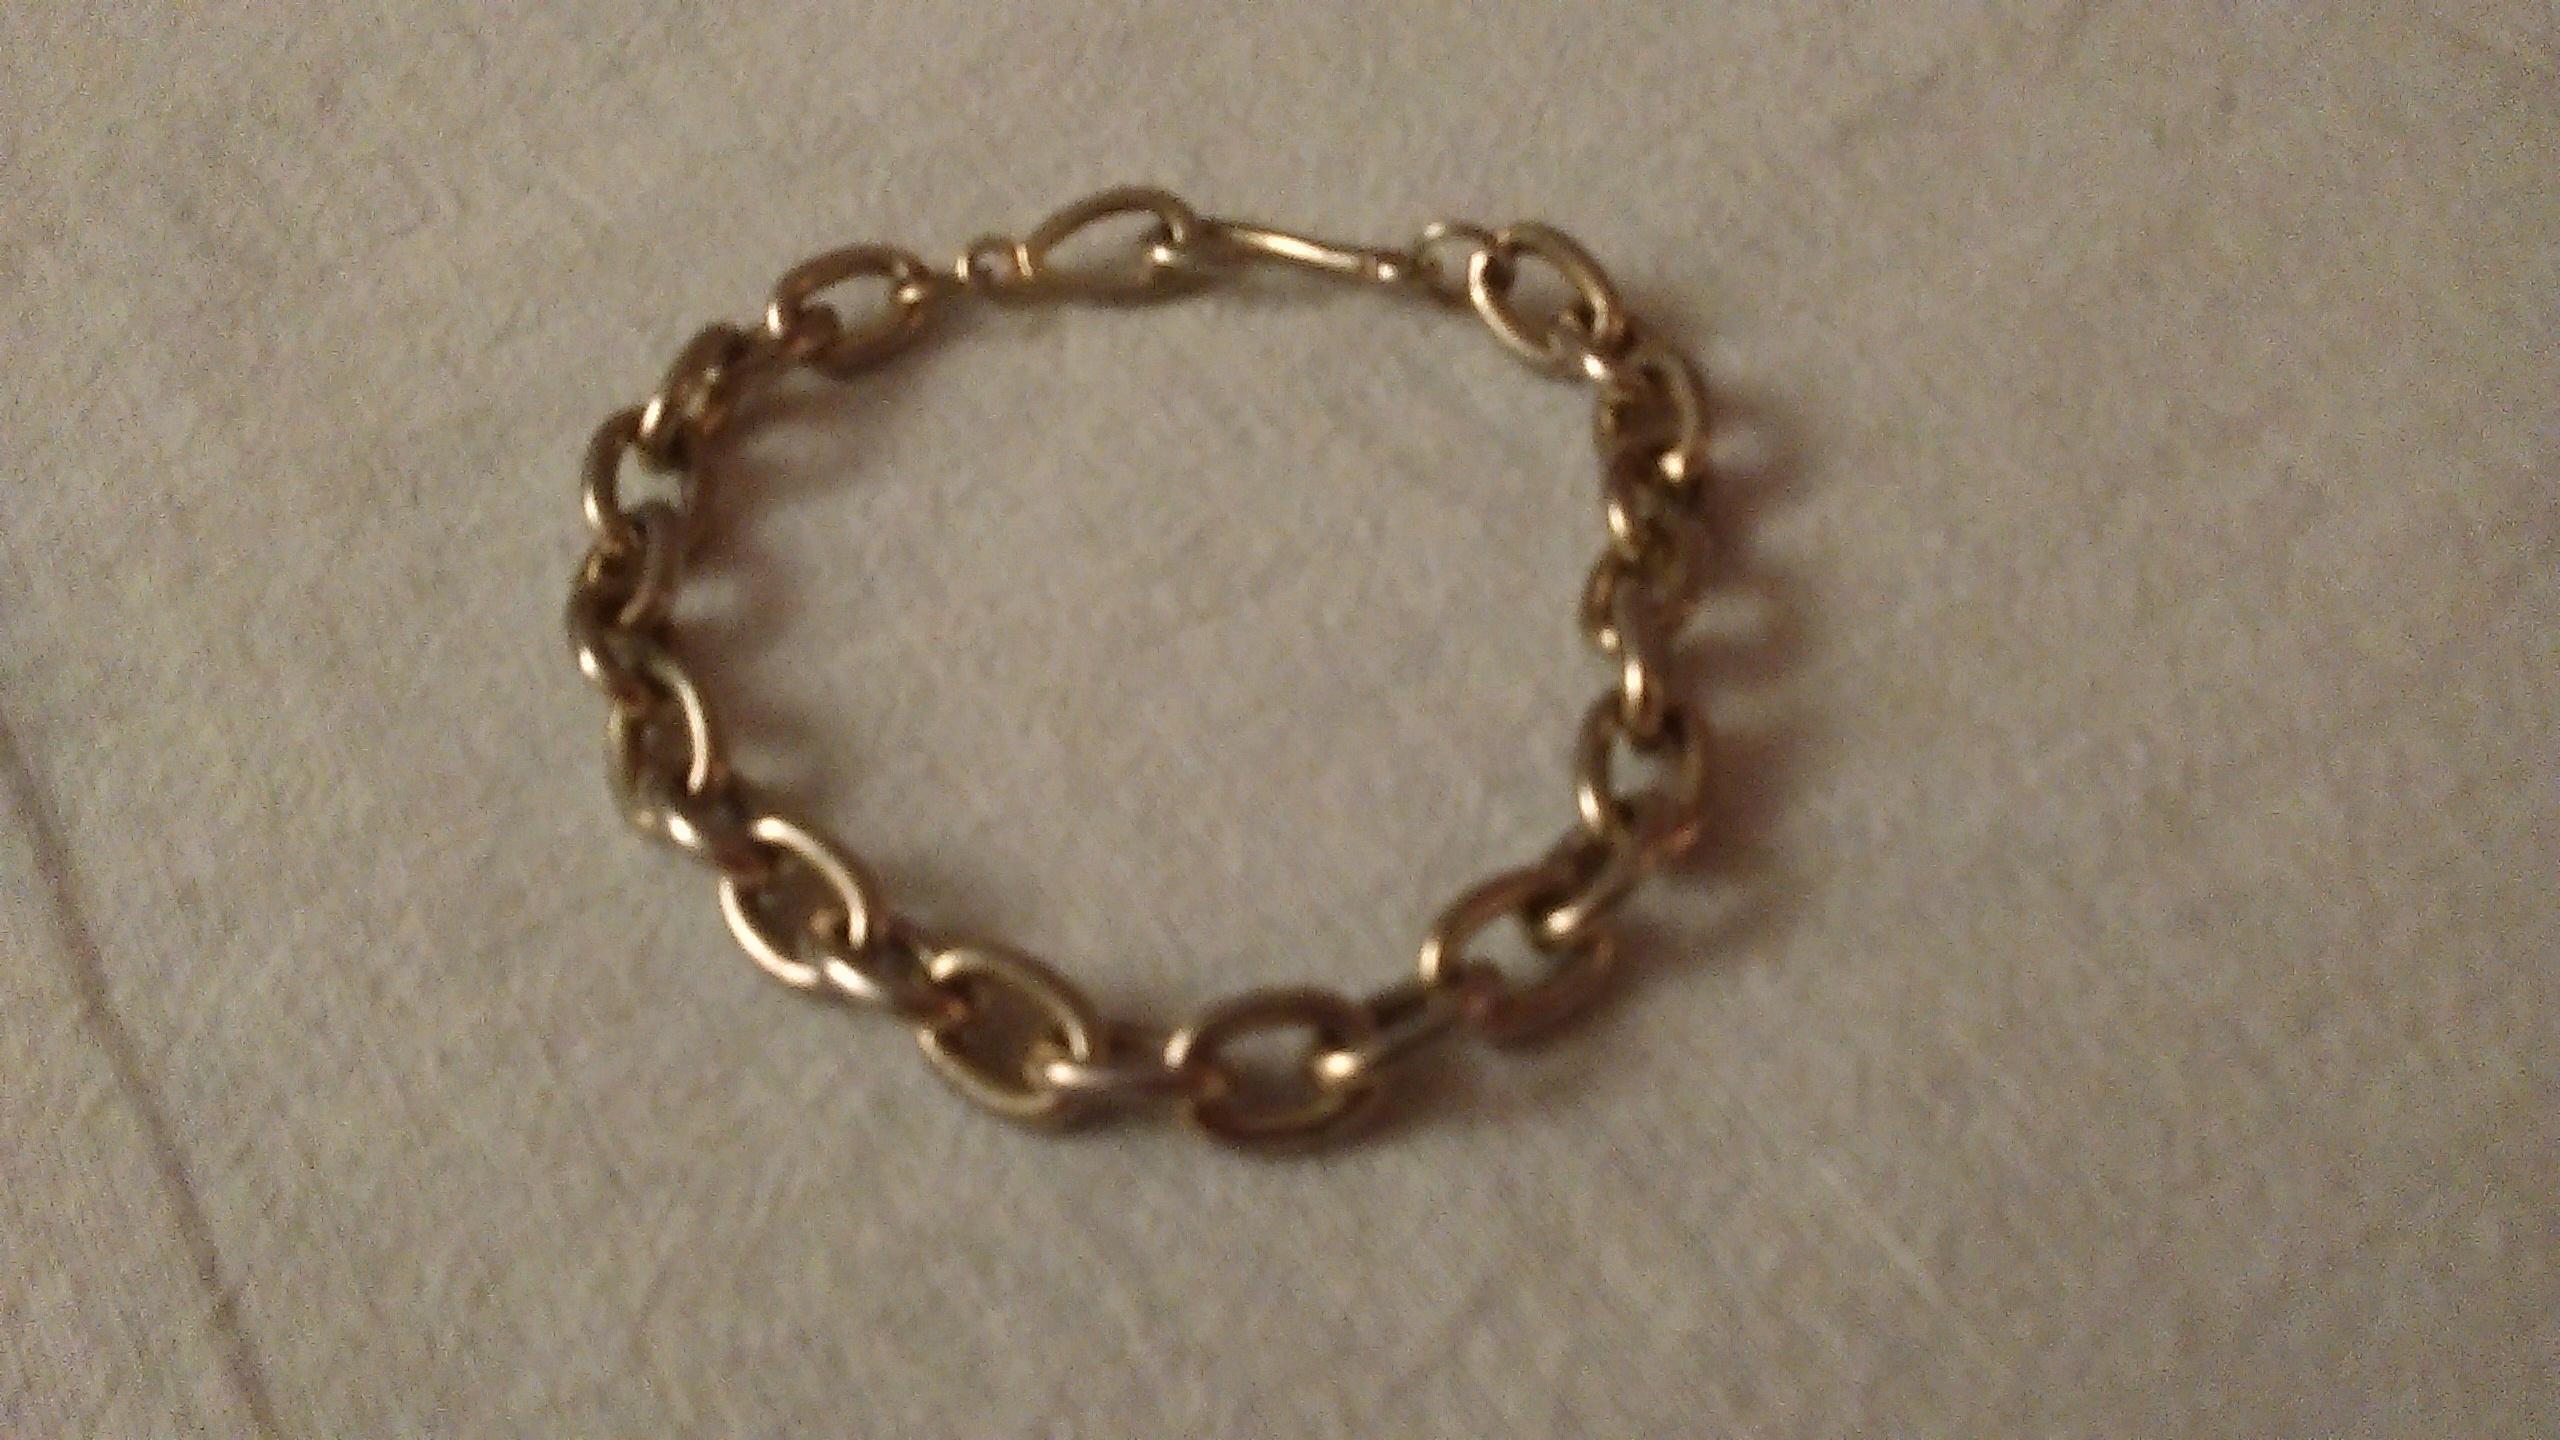 troc de troc bracelet argenté. image 0